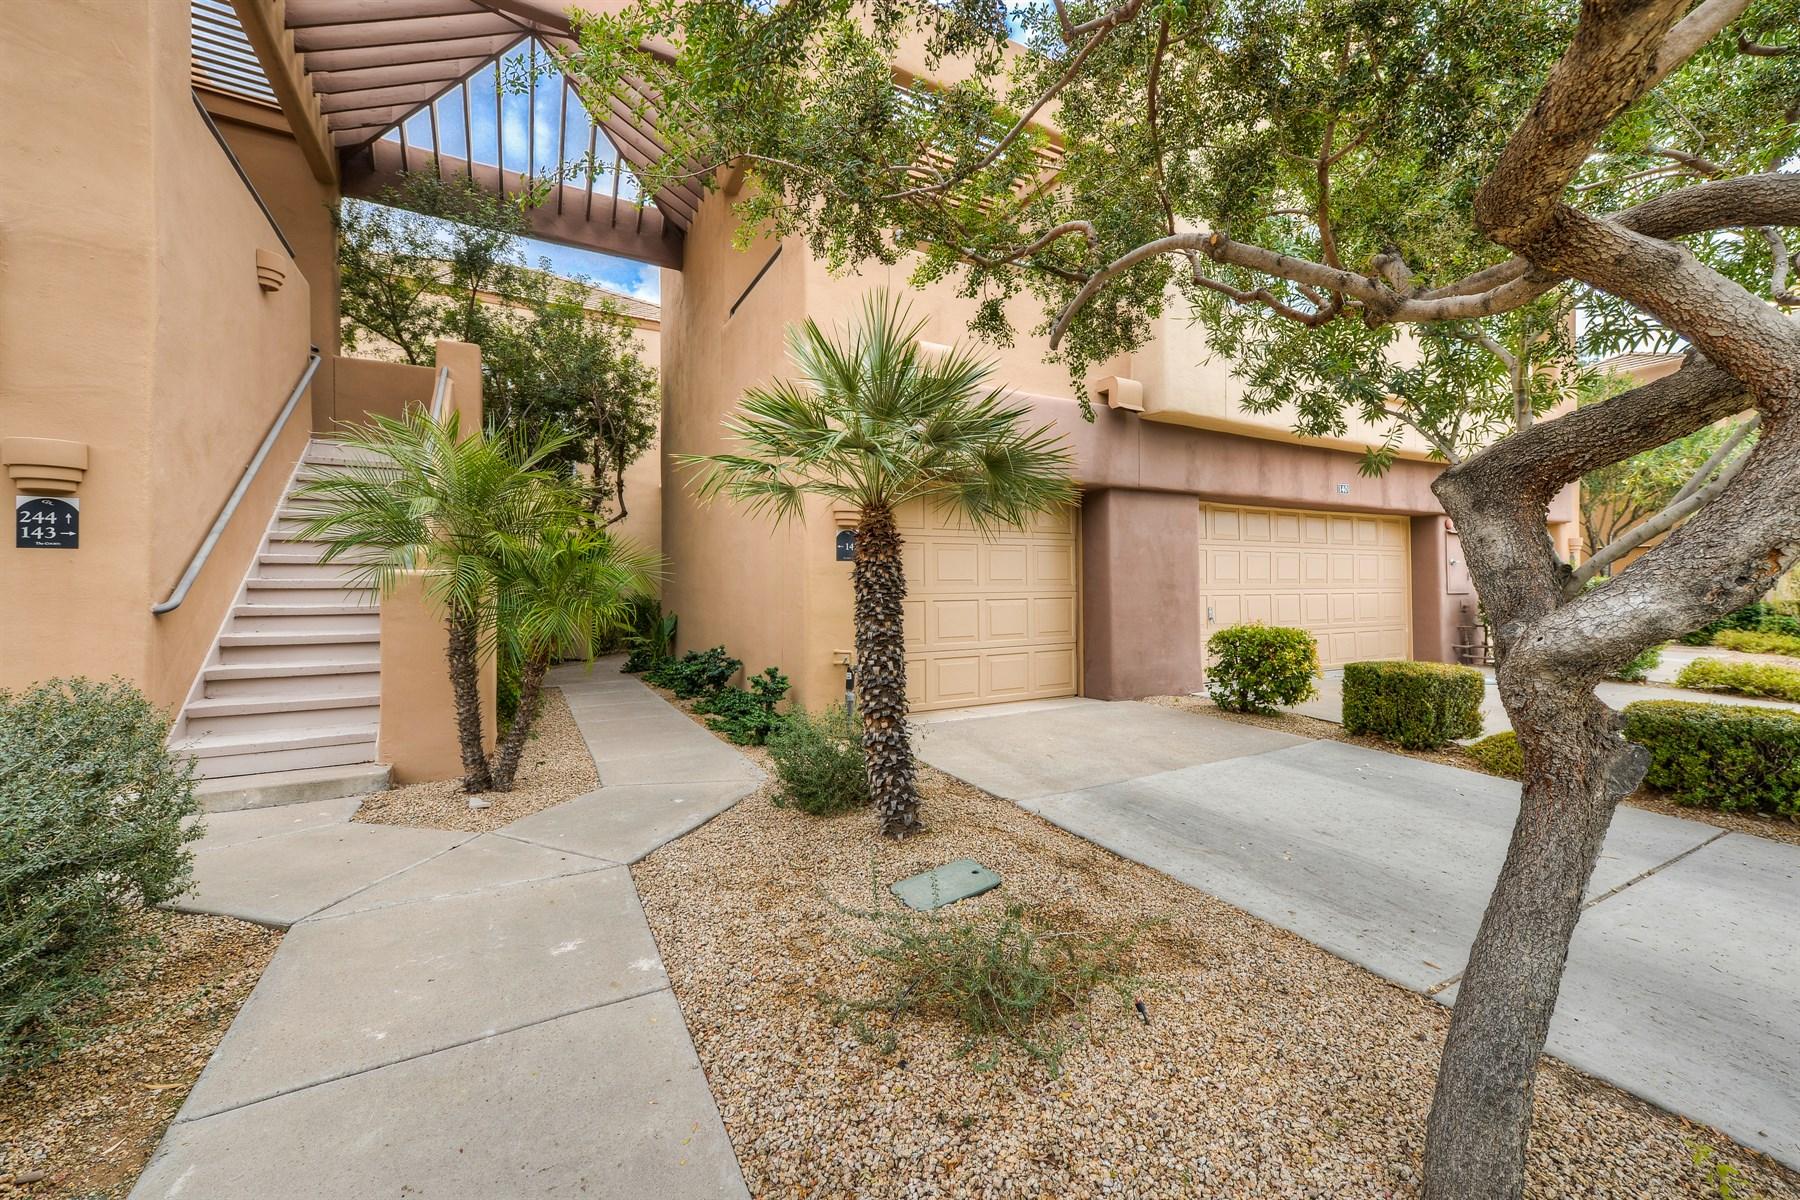 Nhà phố vì Bán tại Southwest style home in Gainey Ranch 7710 E GAINEY RANCH RD 142 Scottsdale, Arizona, 85258 Hoa Kỳ